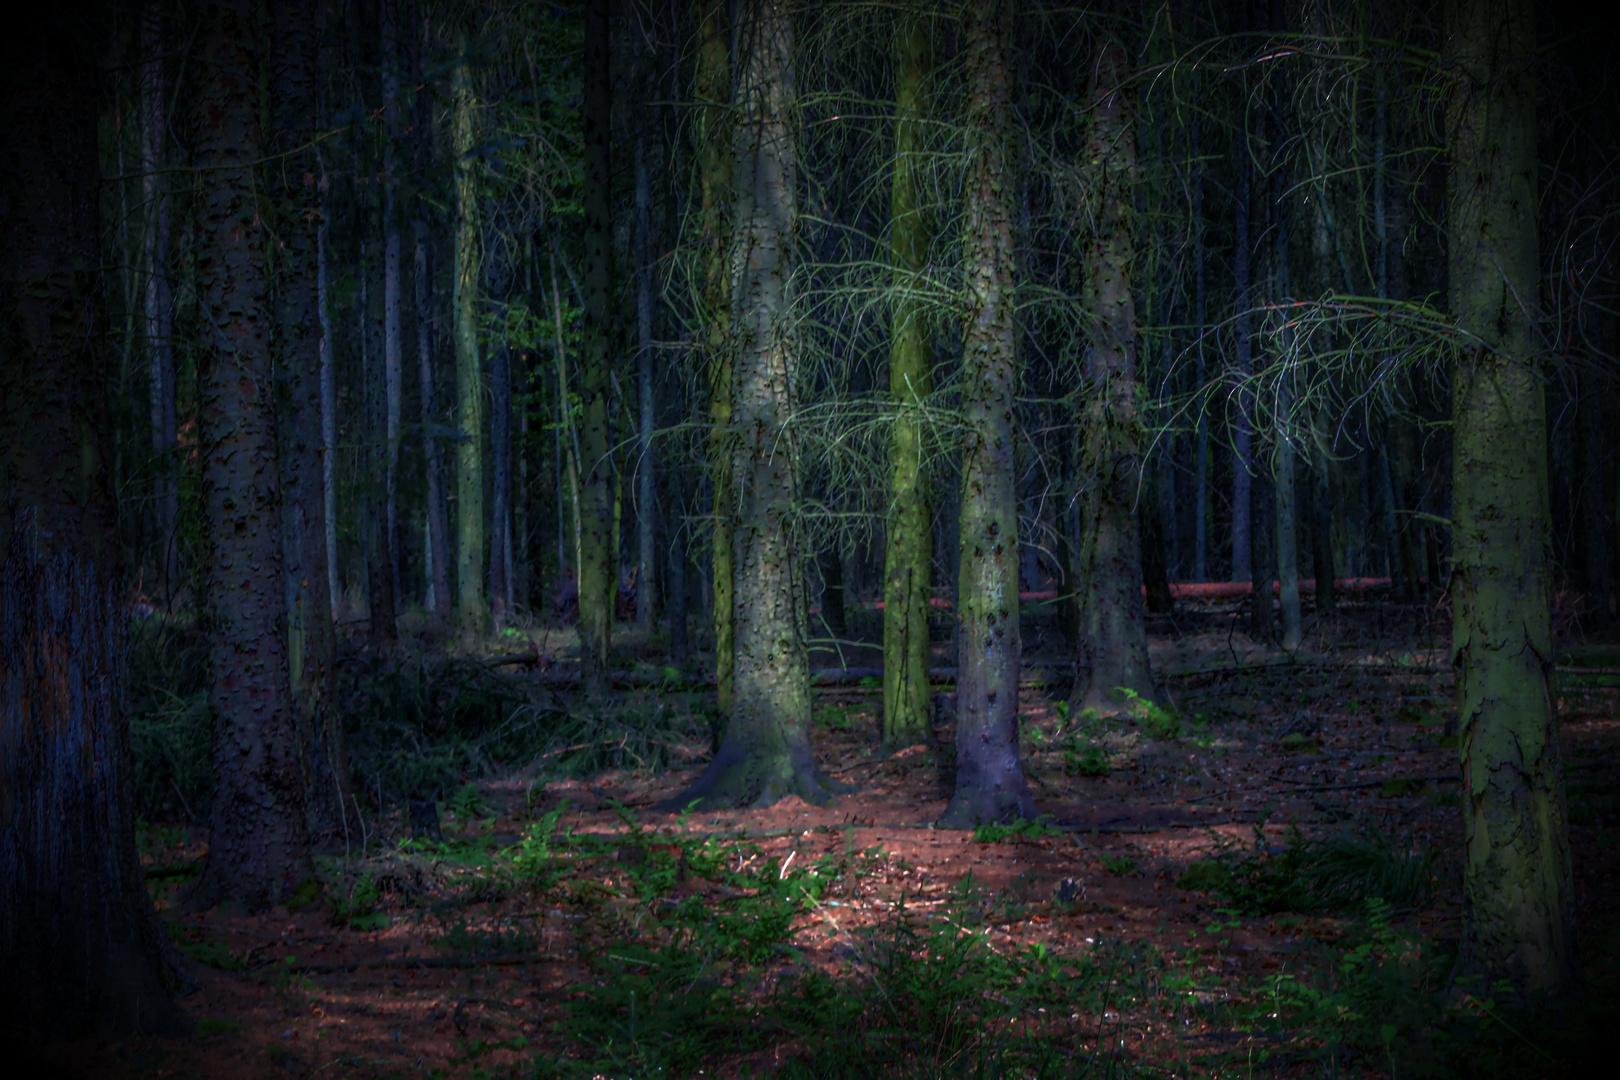 In einem dunklen, dunklen Wald ...